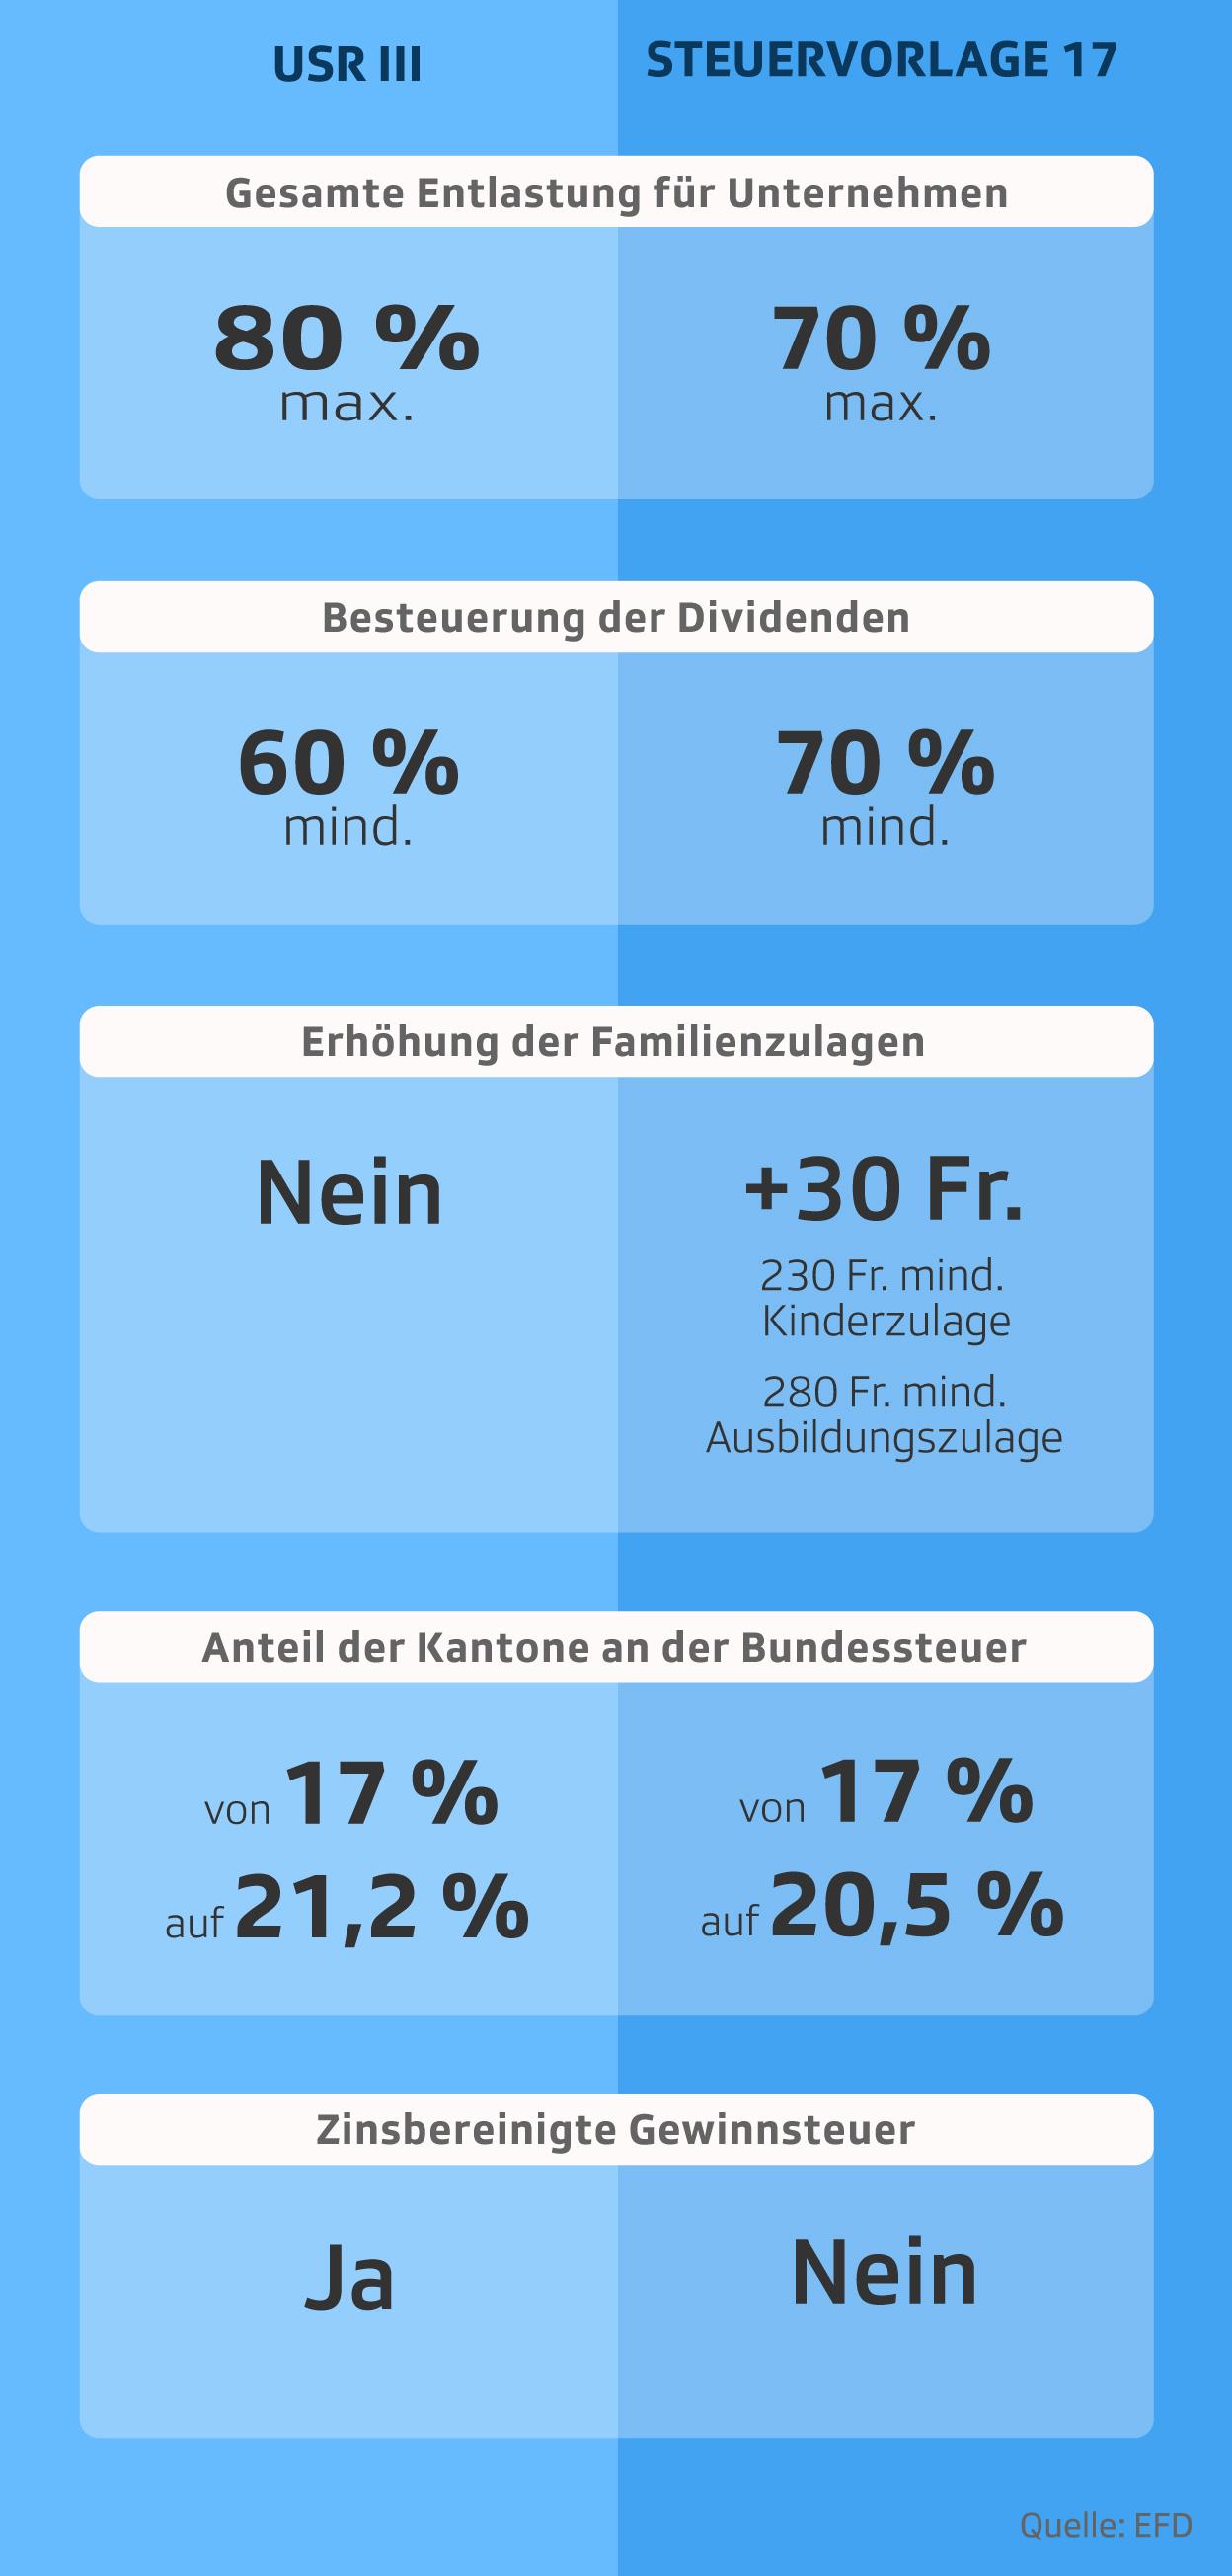 Grafik zeigt Unterschiede zwischen USRIII und Steuervorlgae 17